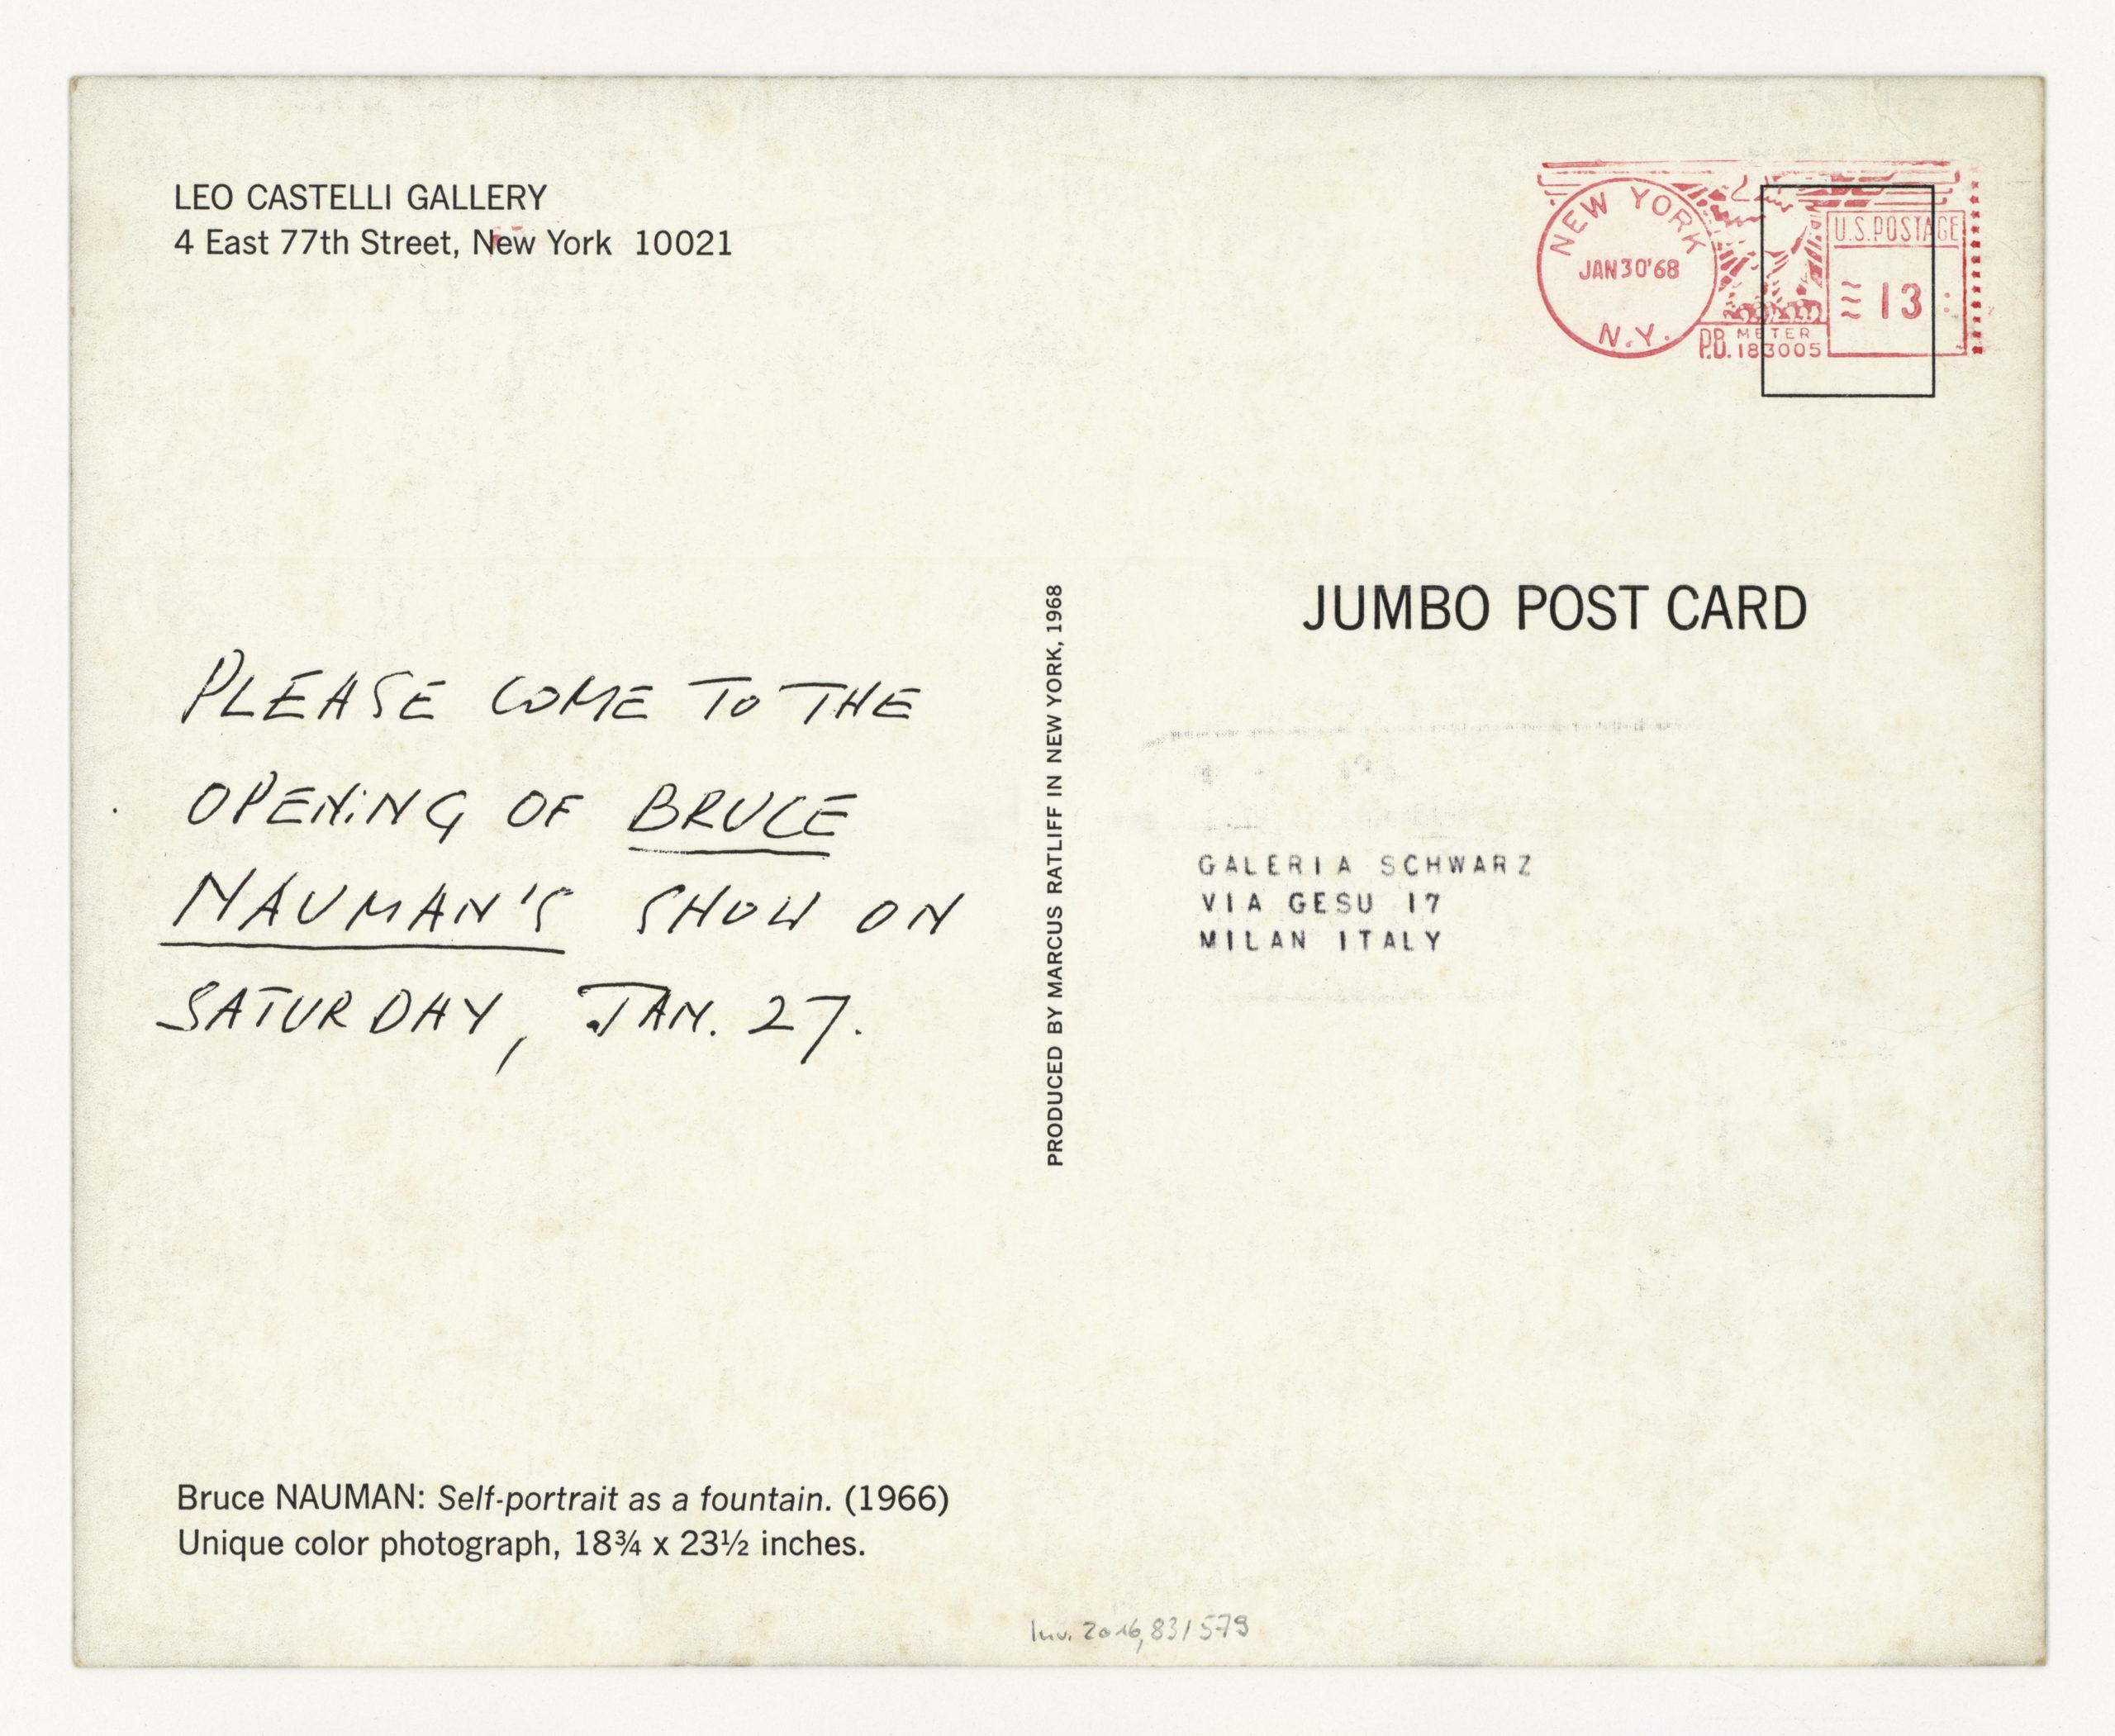 Bruce Nauman, Leo Castelli Gallery, New York 1968 (invitation); ; Sammlung Marzona, Kunstbibliothek – Staatliche Museen zu Berlin; VG Bild-Kunst, Bonn.